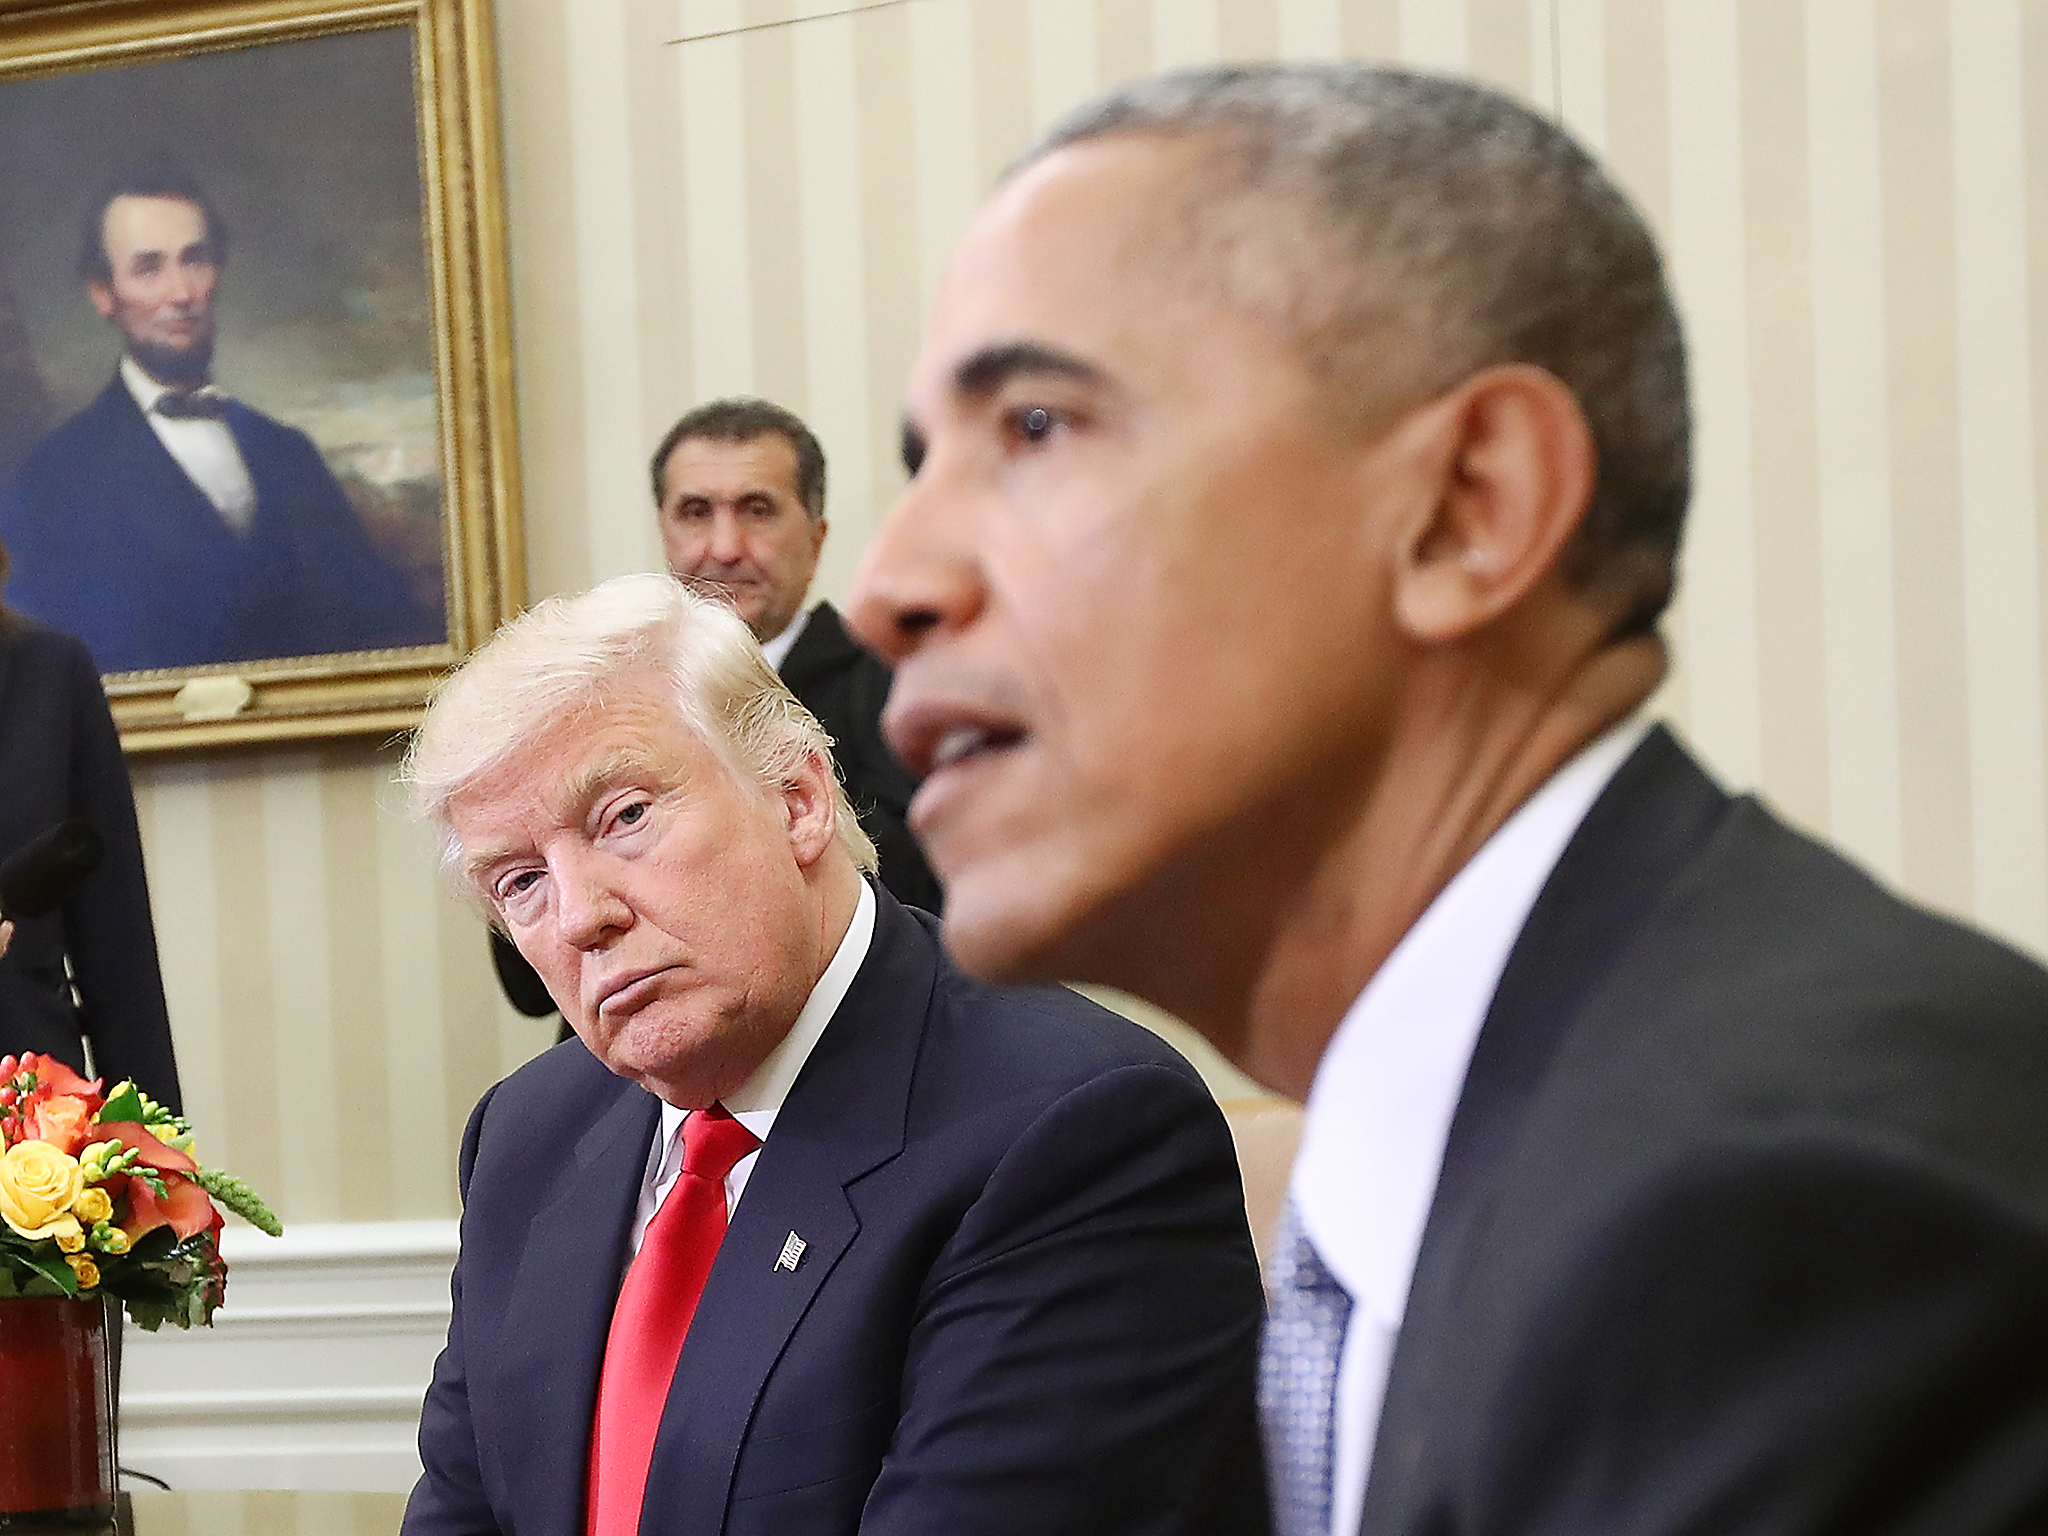 Администрация Трампа обозначила подход к вопросу создания палестинского государства